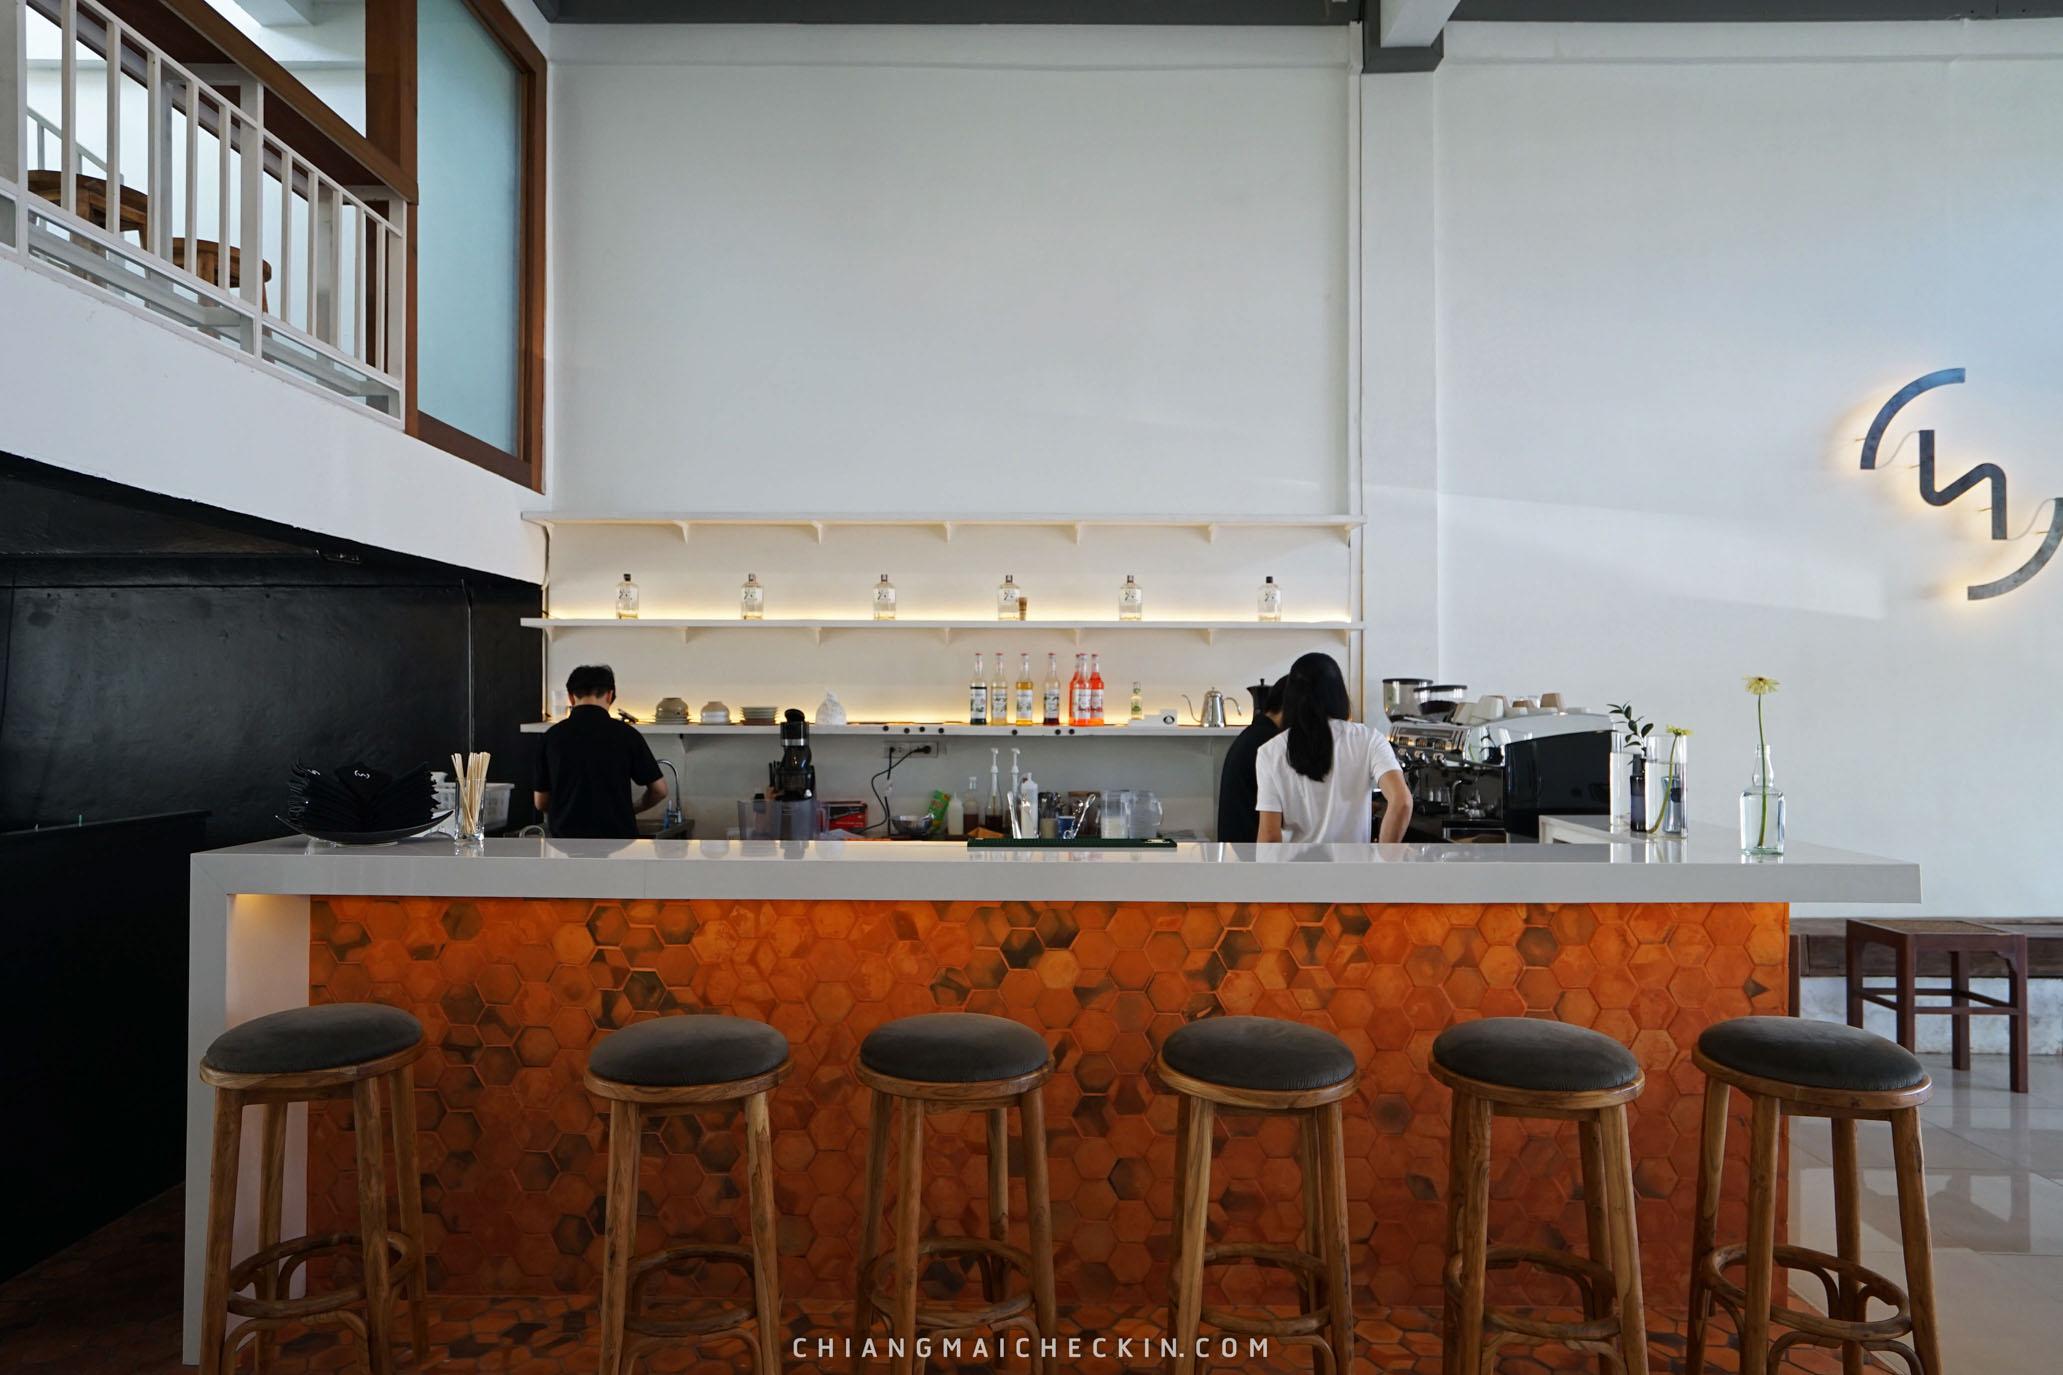 ร้านกาแฟเปิดใหม่ TWO - โท  คาเฟ่แนววินเทจเล็กๆ กำลังฮอตฮิตตอนนี้อากาศดี ร้านกว้างขวางมีสองชั้นมุมถ่ายรูปสวยๆเพียบบ